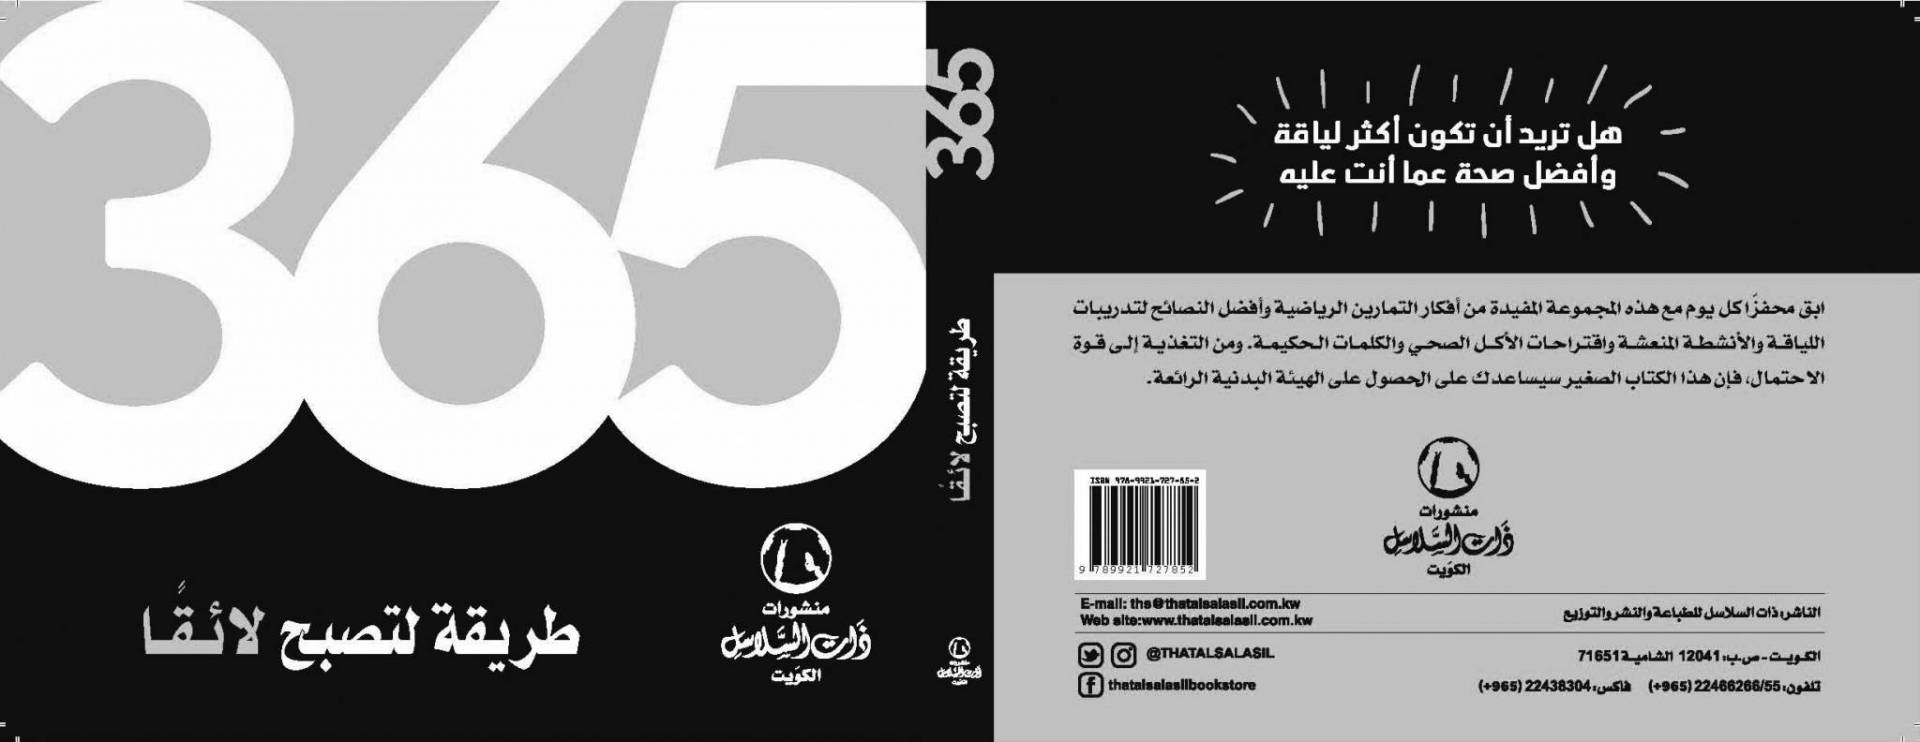 غلاف كتاب «365 طريقة لتصبح لائقا»